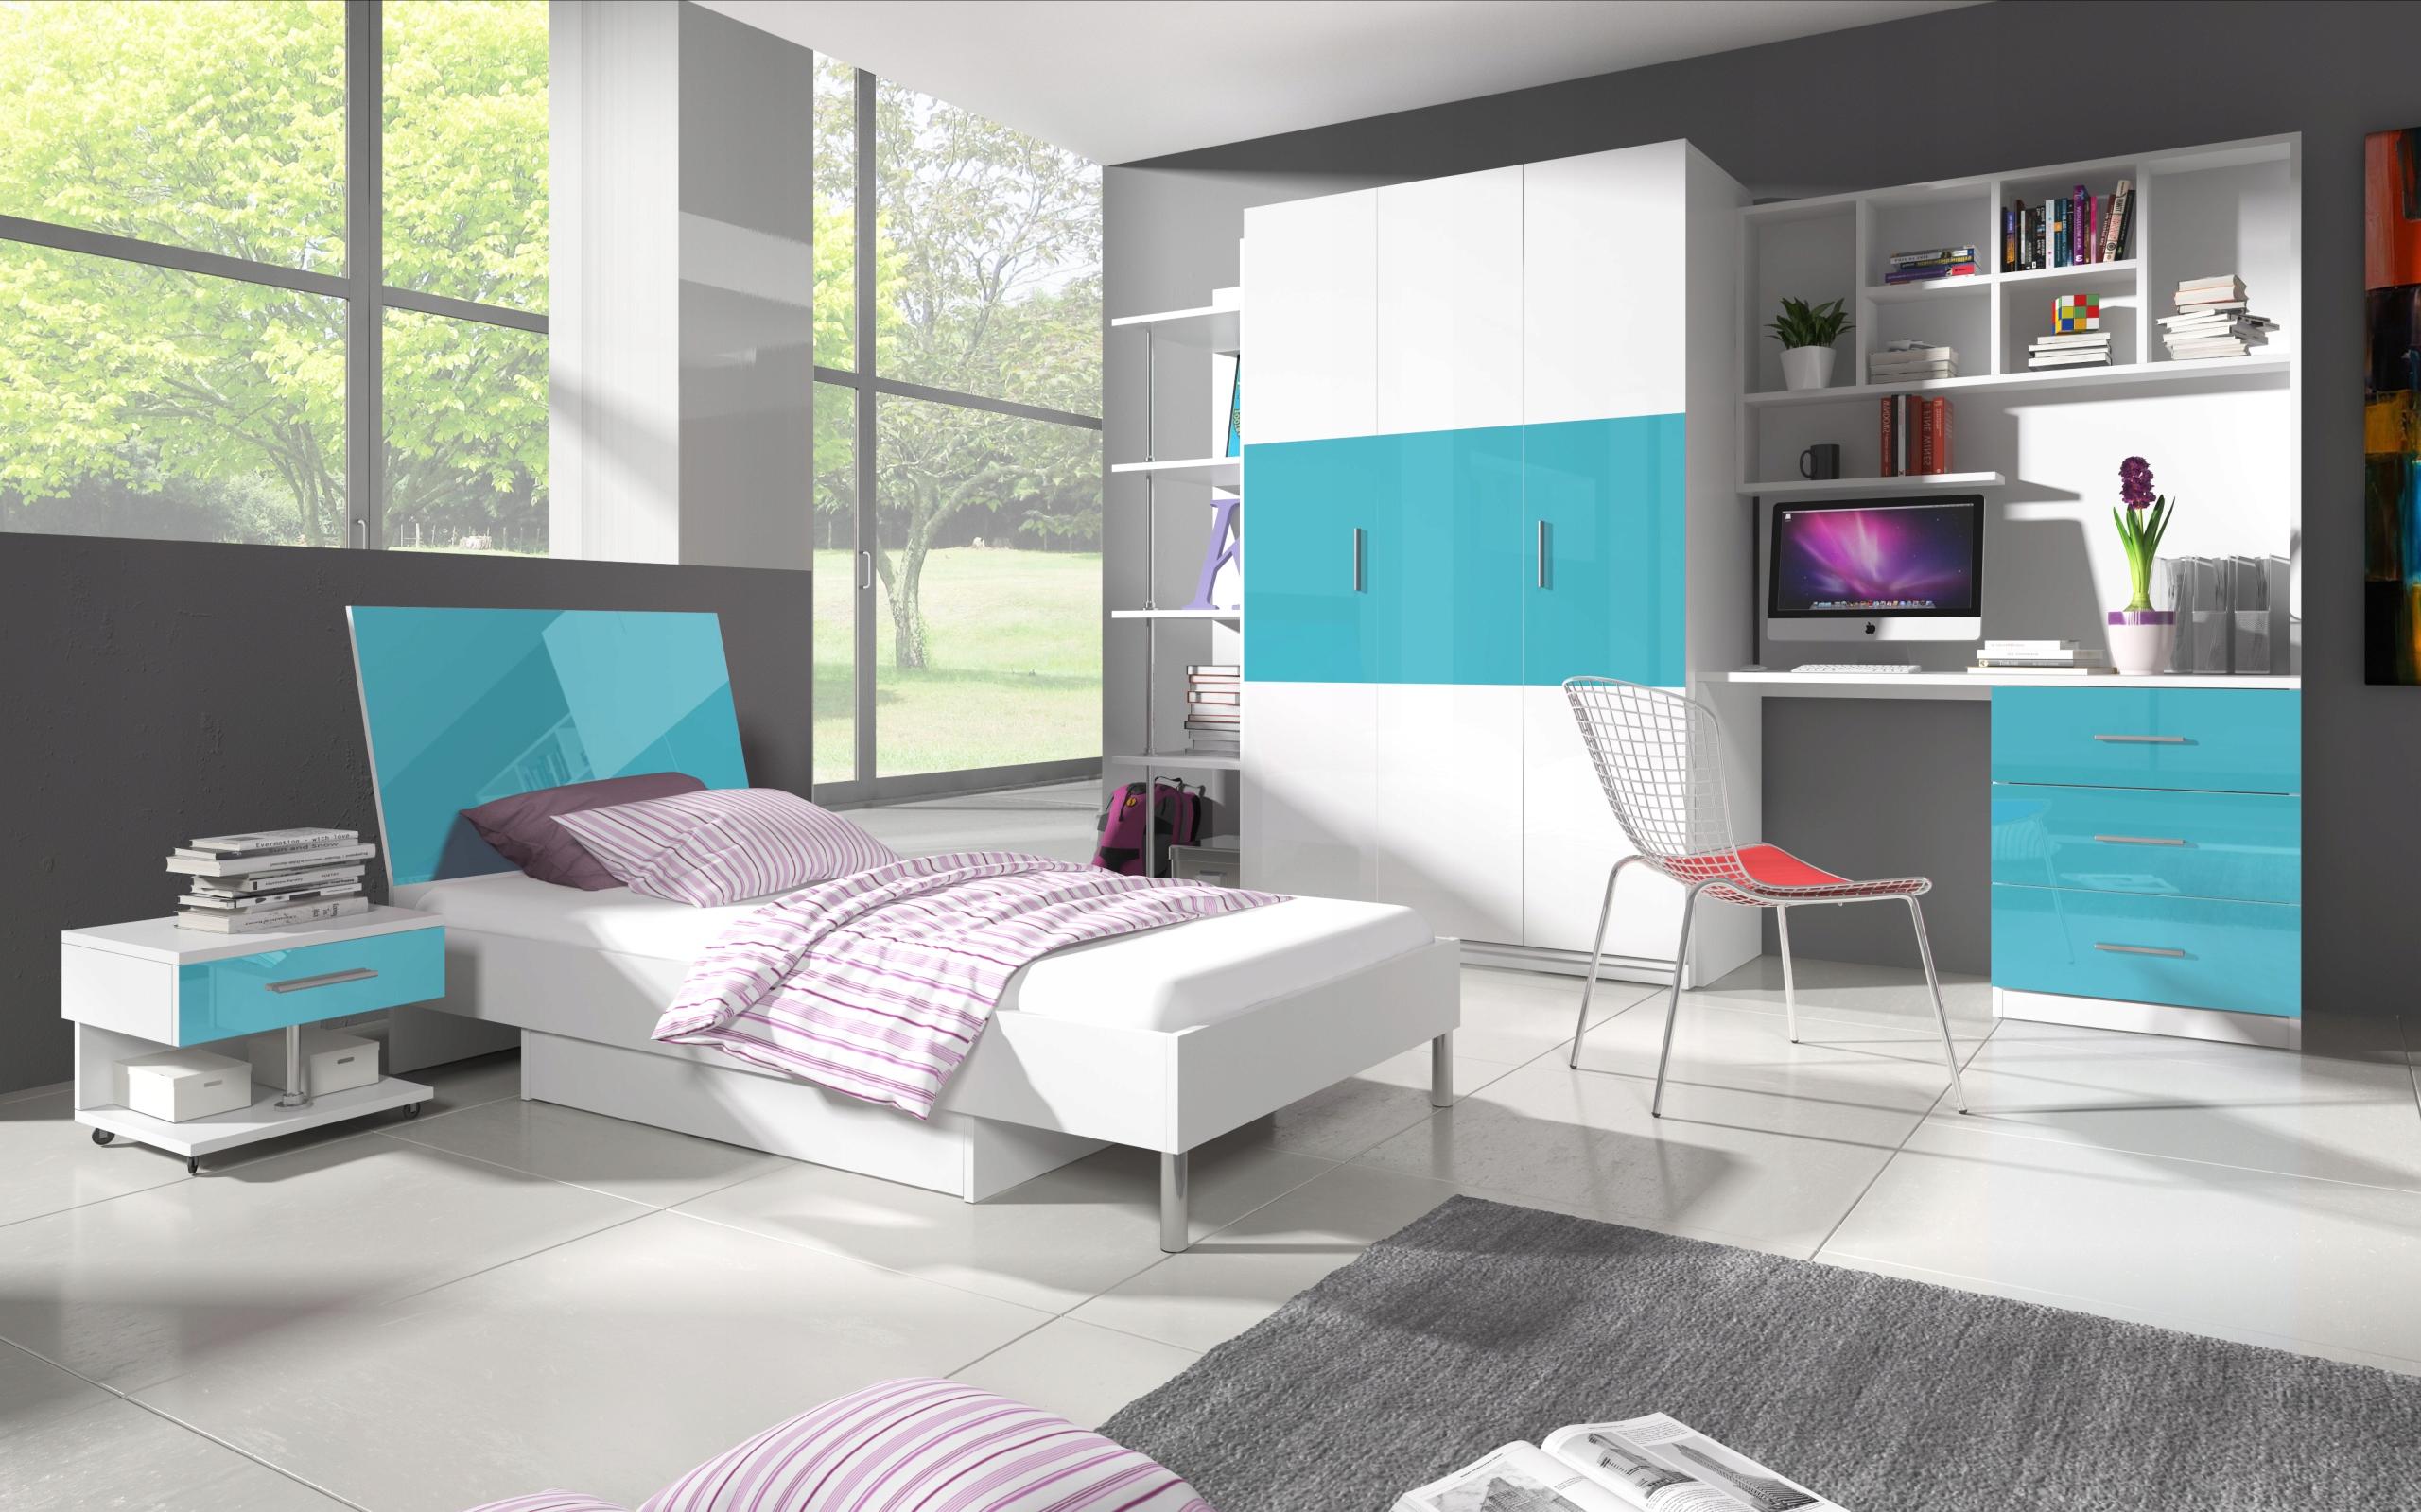 Zestaw mebli RAJ3 łóżko szafa biurko wysoki połysk